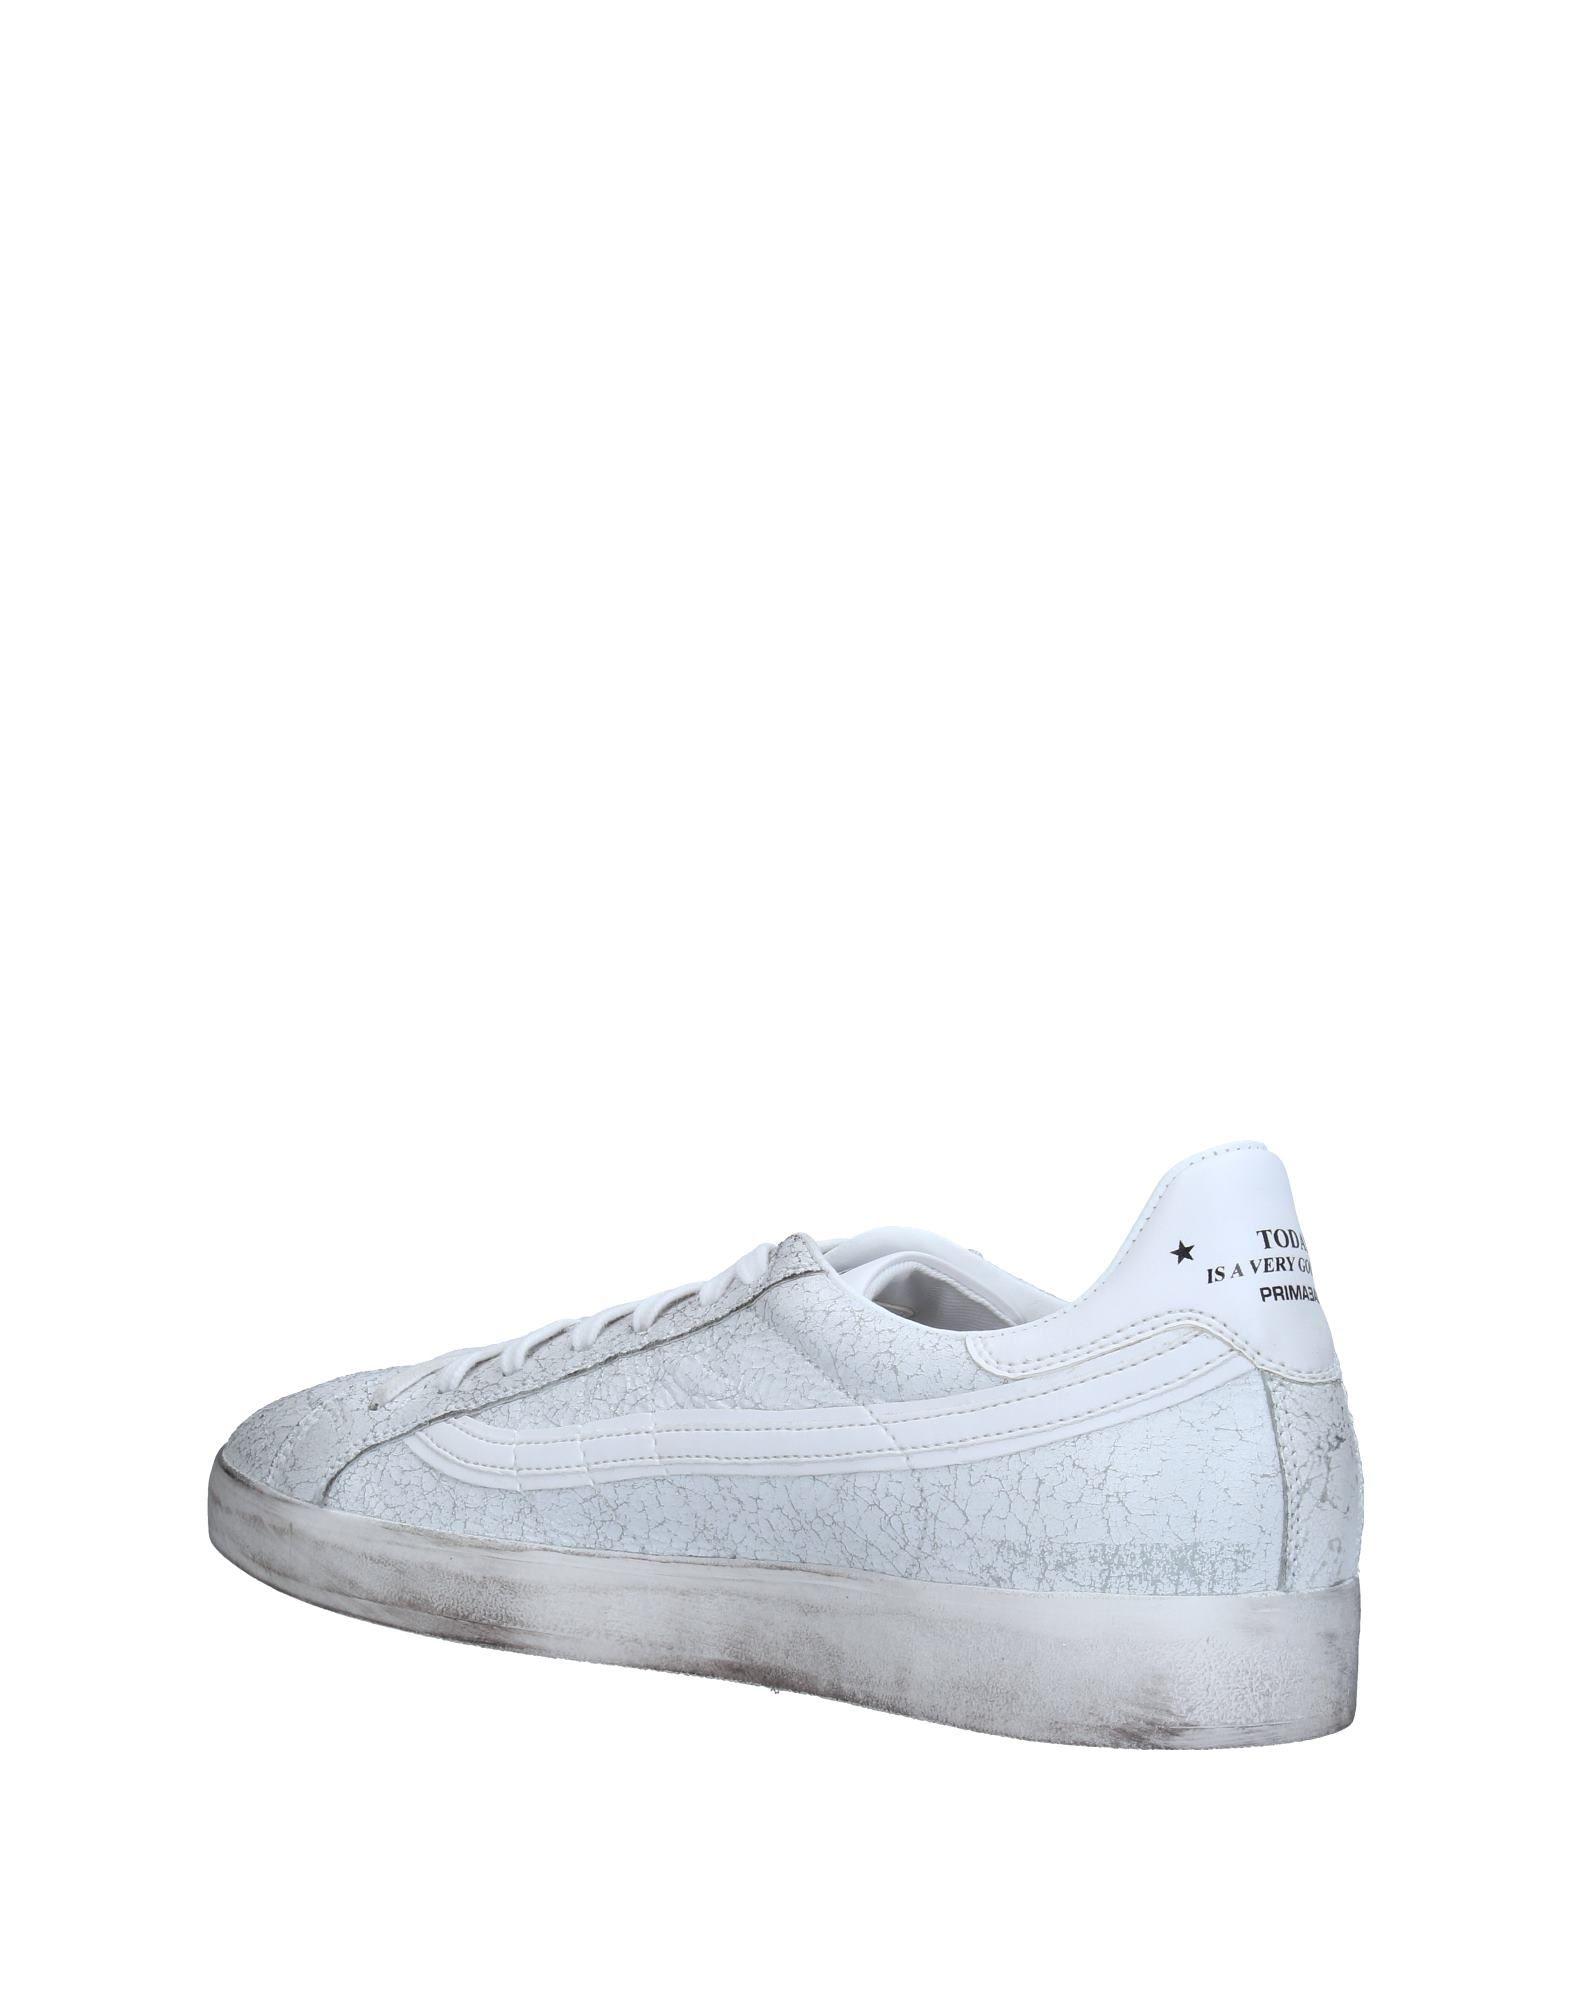 Primabase Sneakers Herren Herren Sneakers  11332614WQ 59a598